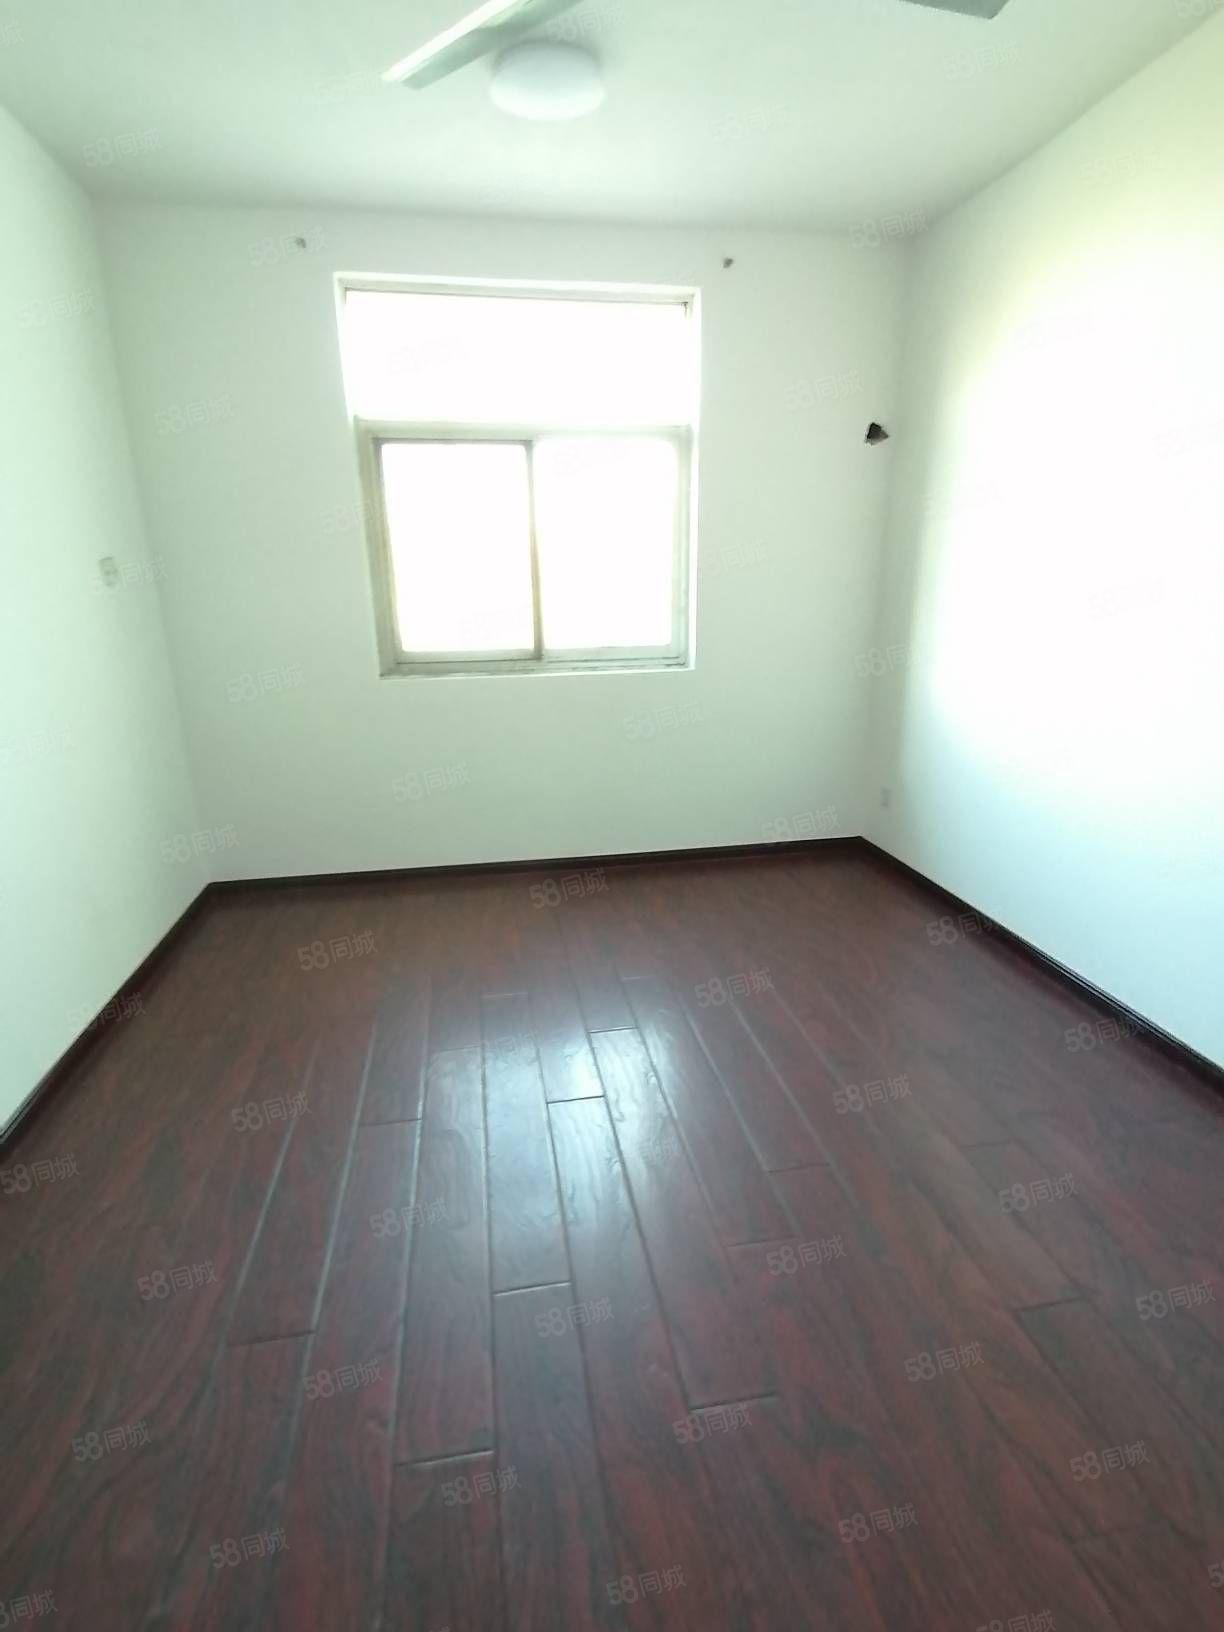 市区,实验中学旁老汽车站宿舍楼,十一中附近1000元一个月。